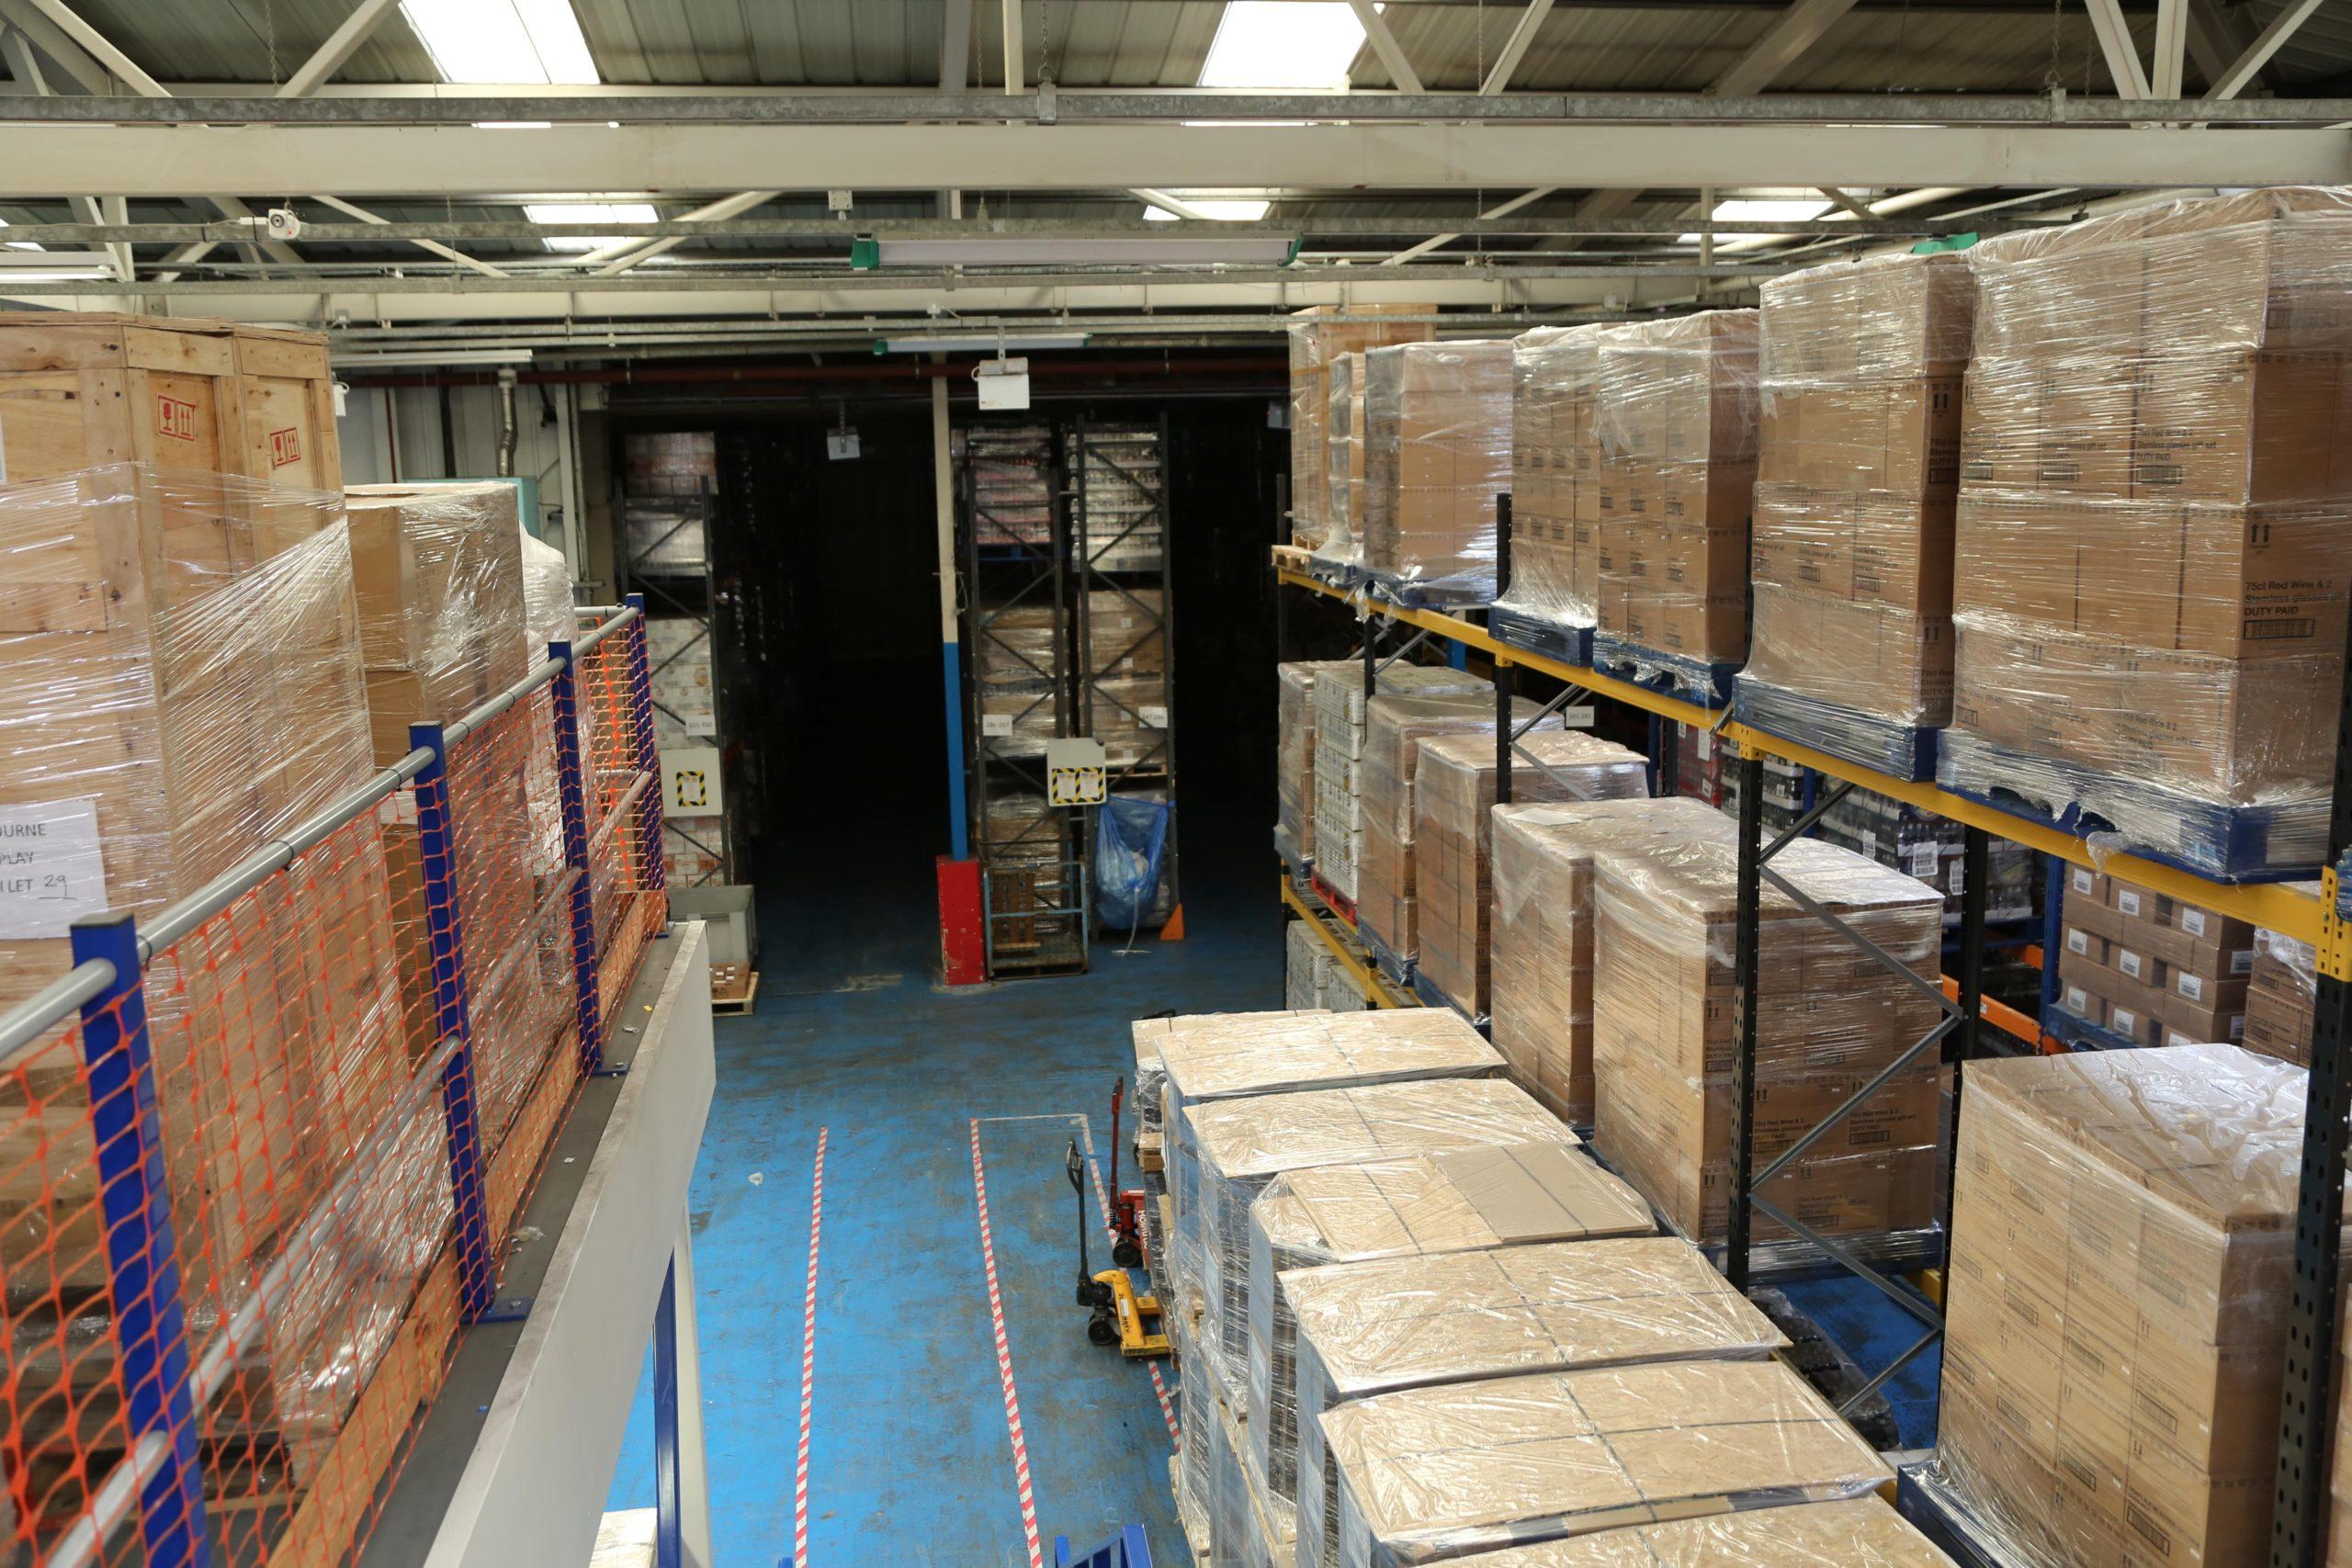 Full warehouse facilities